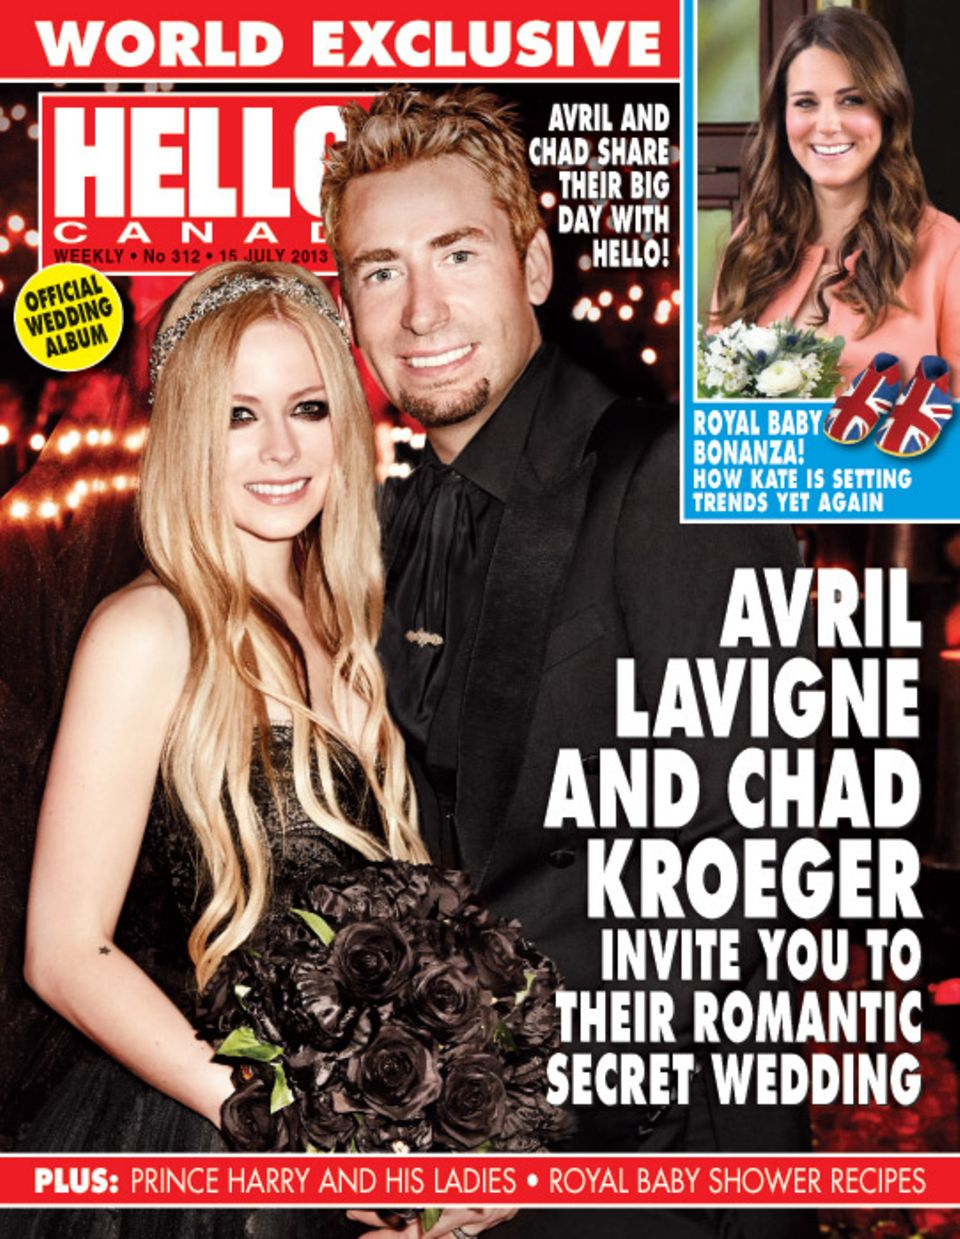 """1. Juli 2013: Das kanadische """"Hello Magazine"""" zeigt exklusiv die Hochzeitsbilder von Avril Lavigne und Chad Kroeger. Das Paar hat sich in Südfrankreich das Ja-Wort gegeben. Die Braut wählte ein schwarzes Kleid mit den dazu passenden Blumen."""